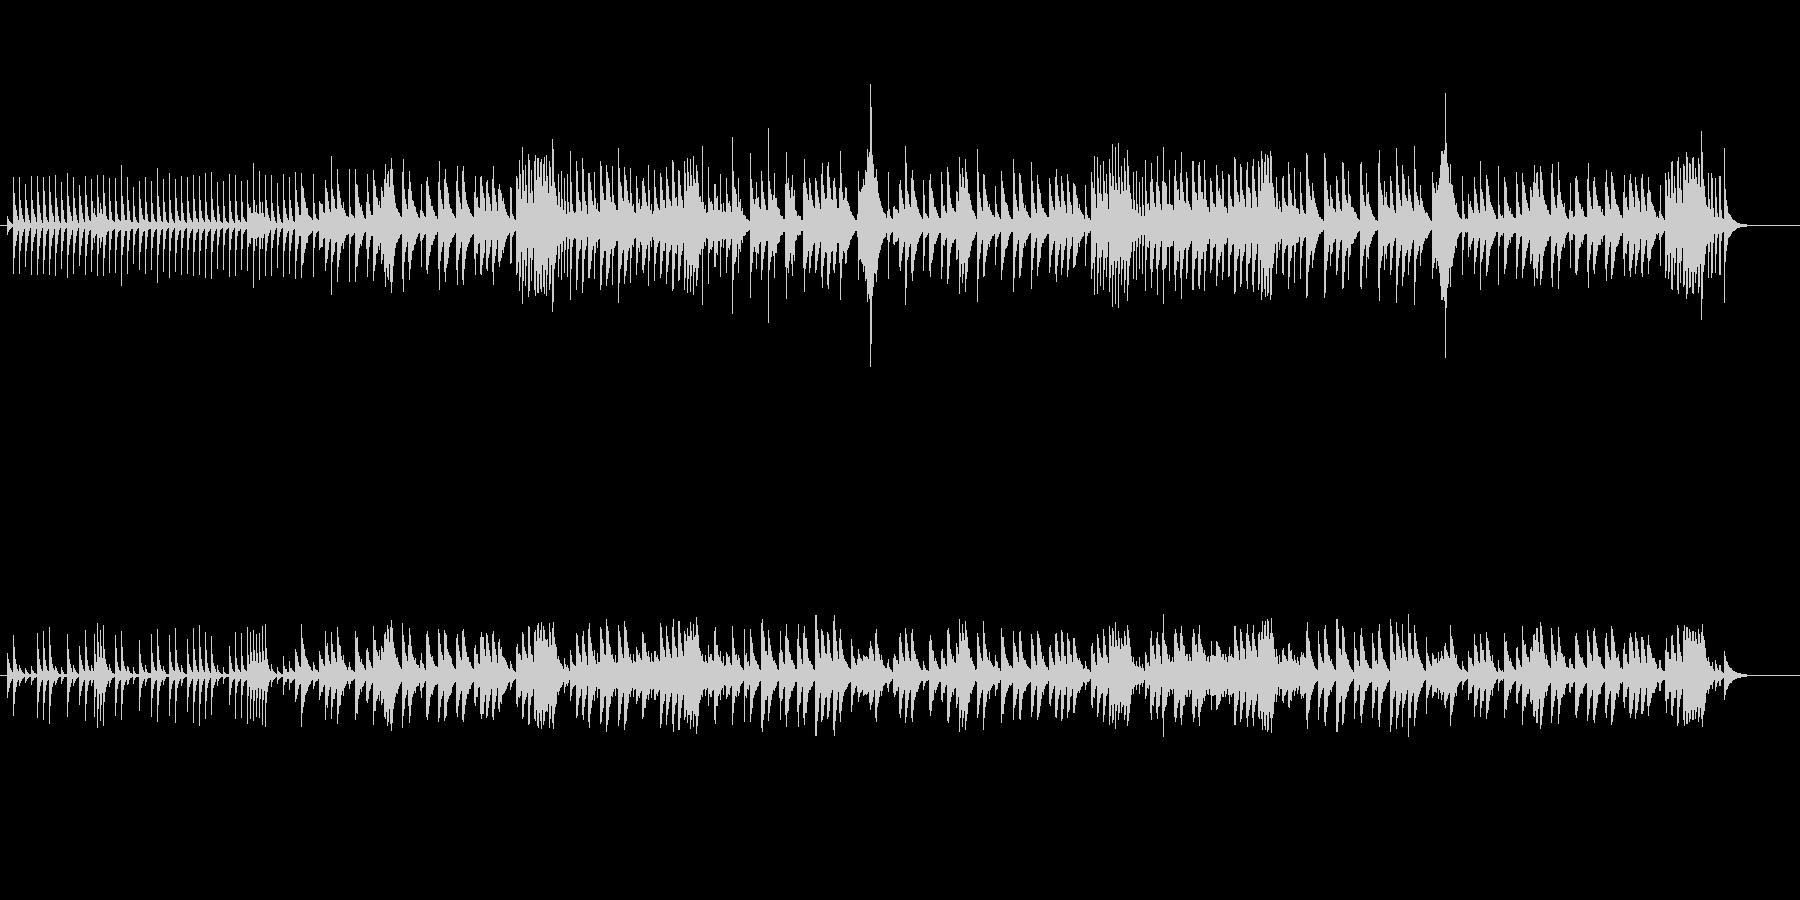 夜想曲-ショパン-のオルゴールの未再生の波形